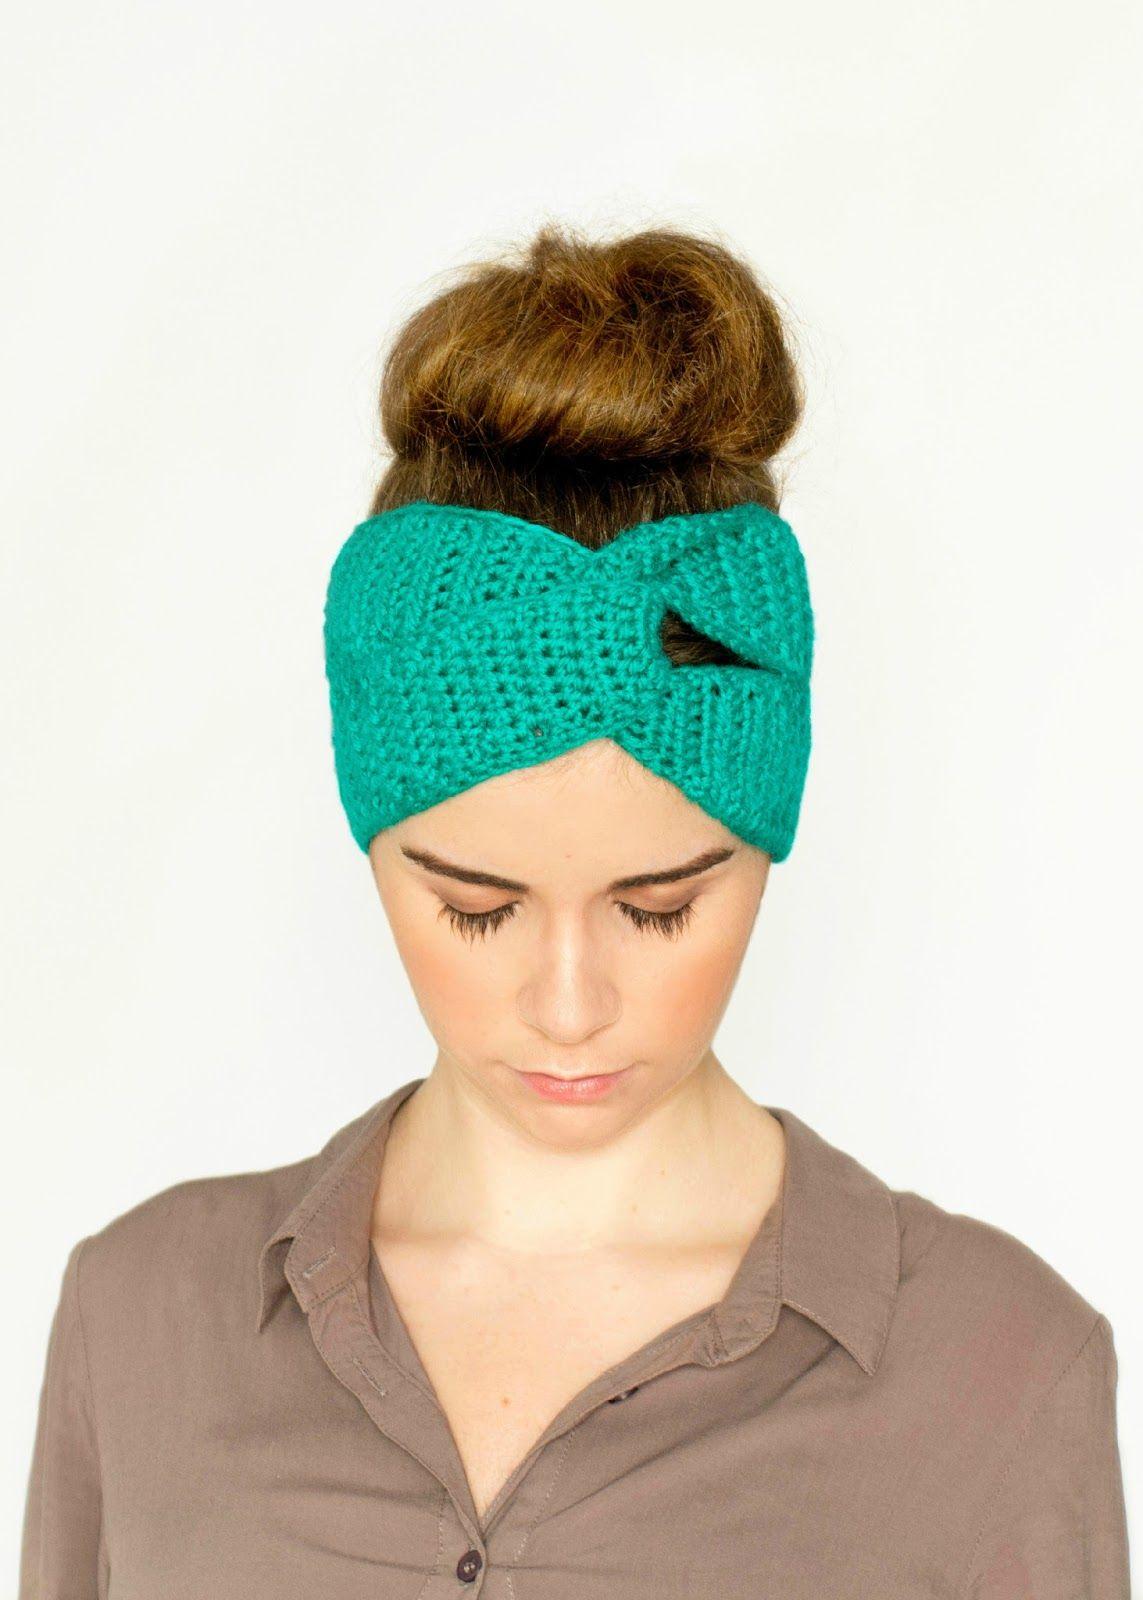 Twist Headband Knitting Pattern : Twisted Turban Headband Crochet Pattern Patterns, Knit tie and Crochet